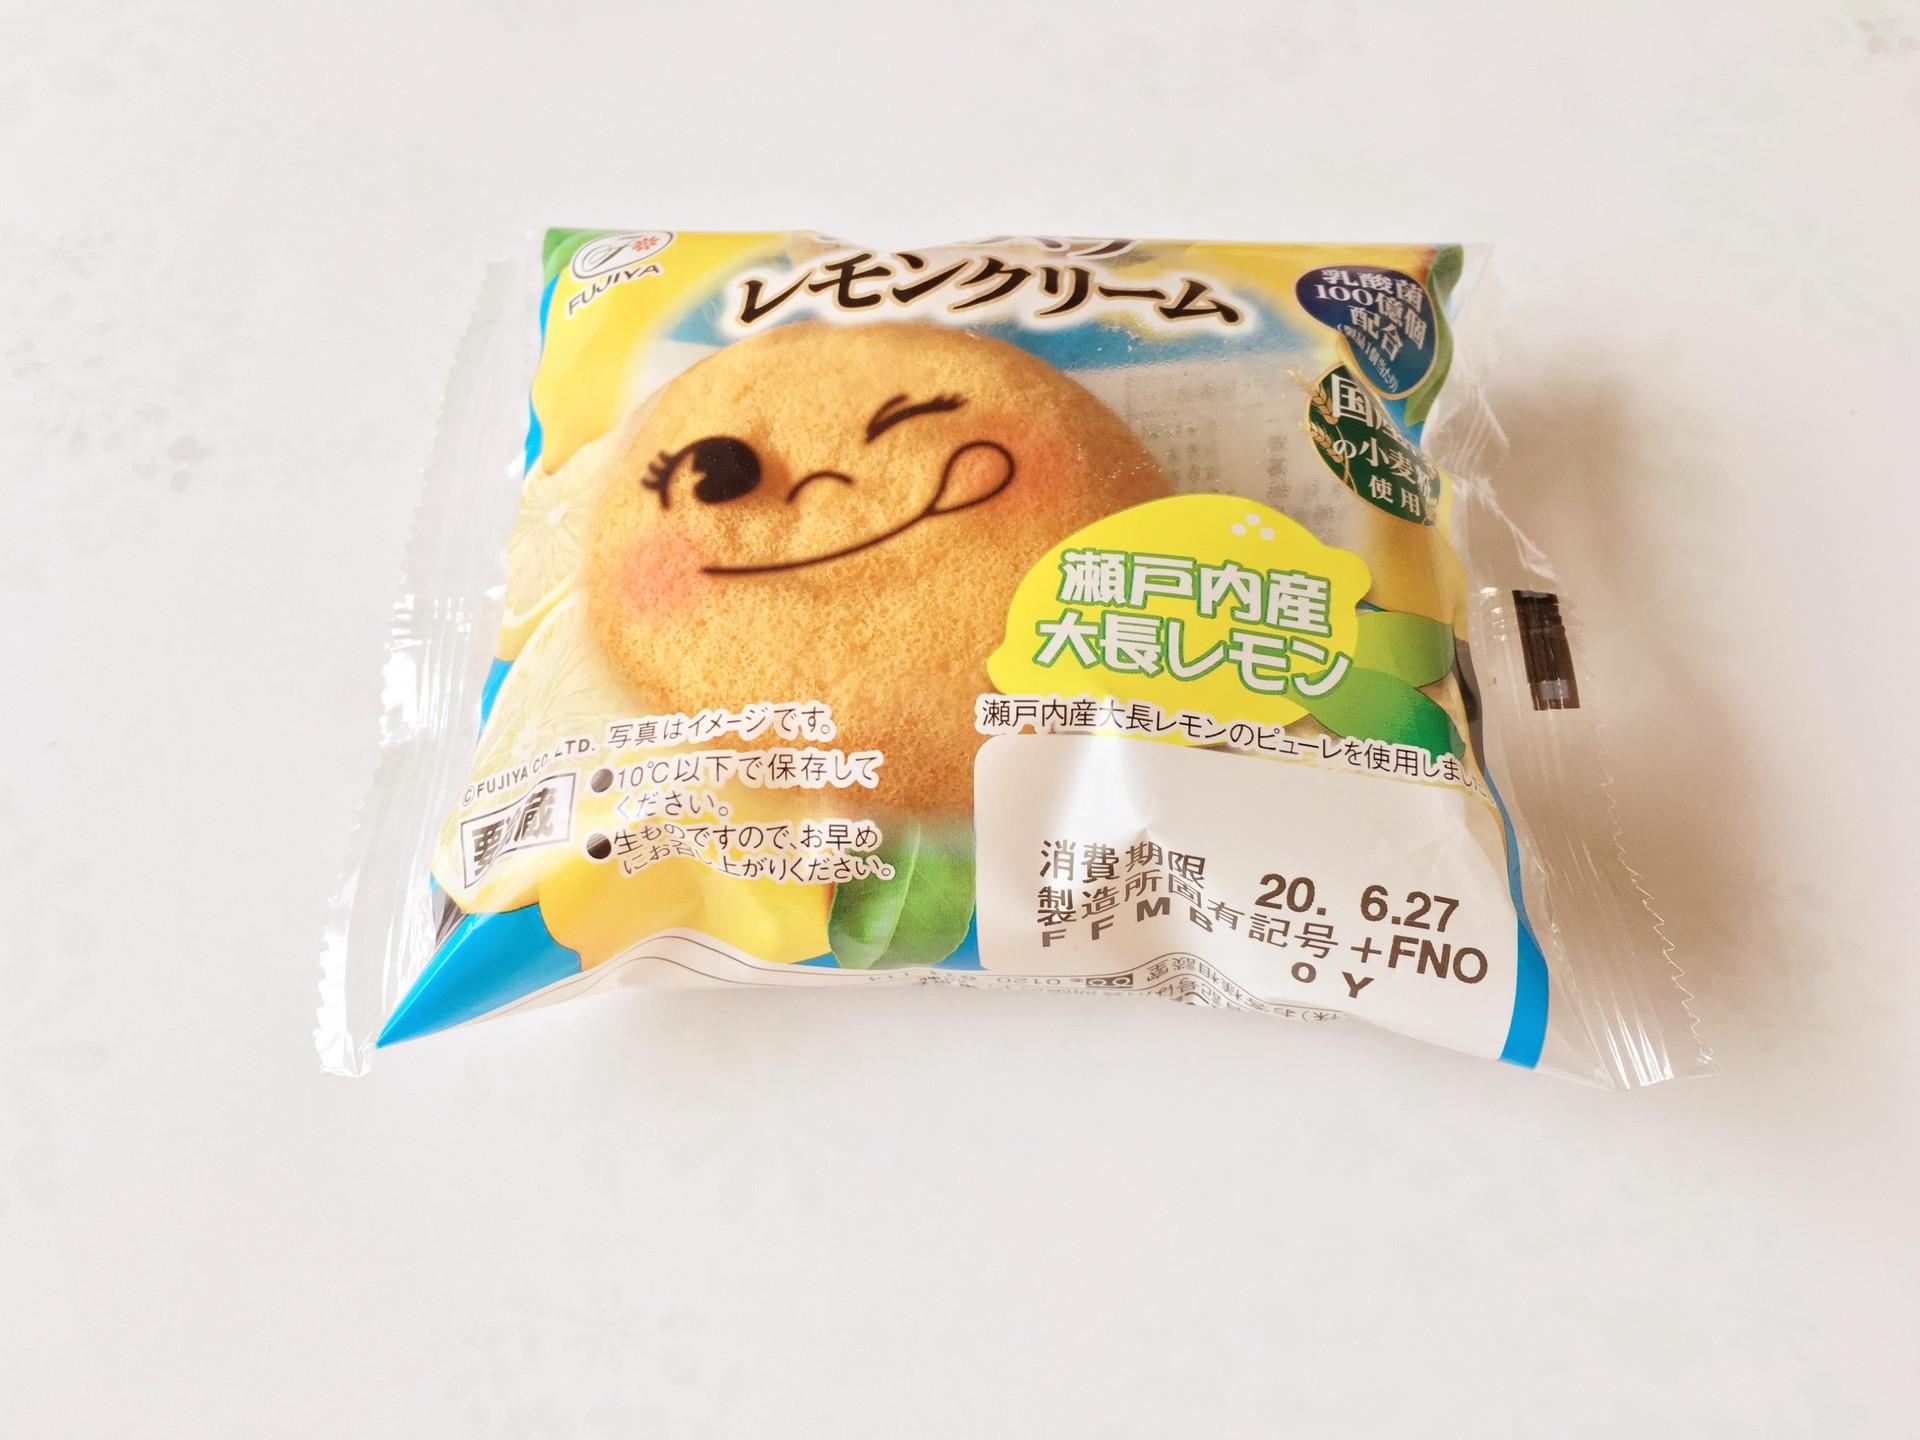 あのペコパフにレモン味が登場!実食レポ【不二家】ペコパフ  レモンクリーム